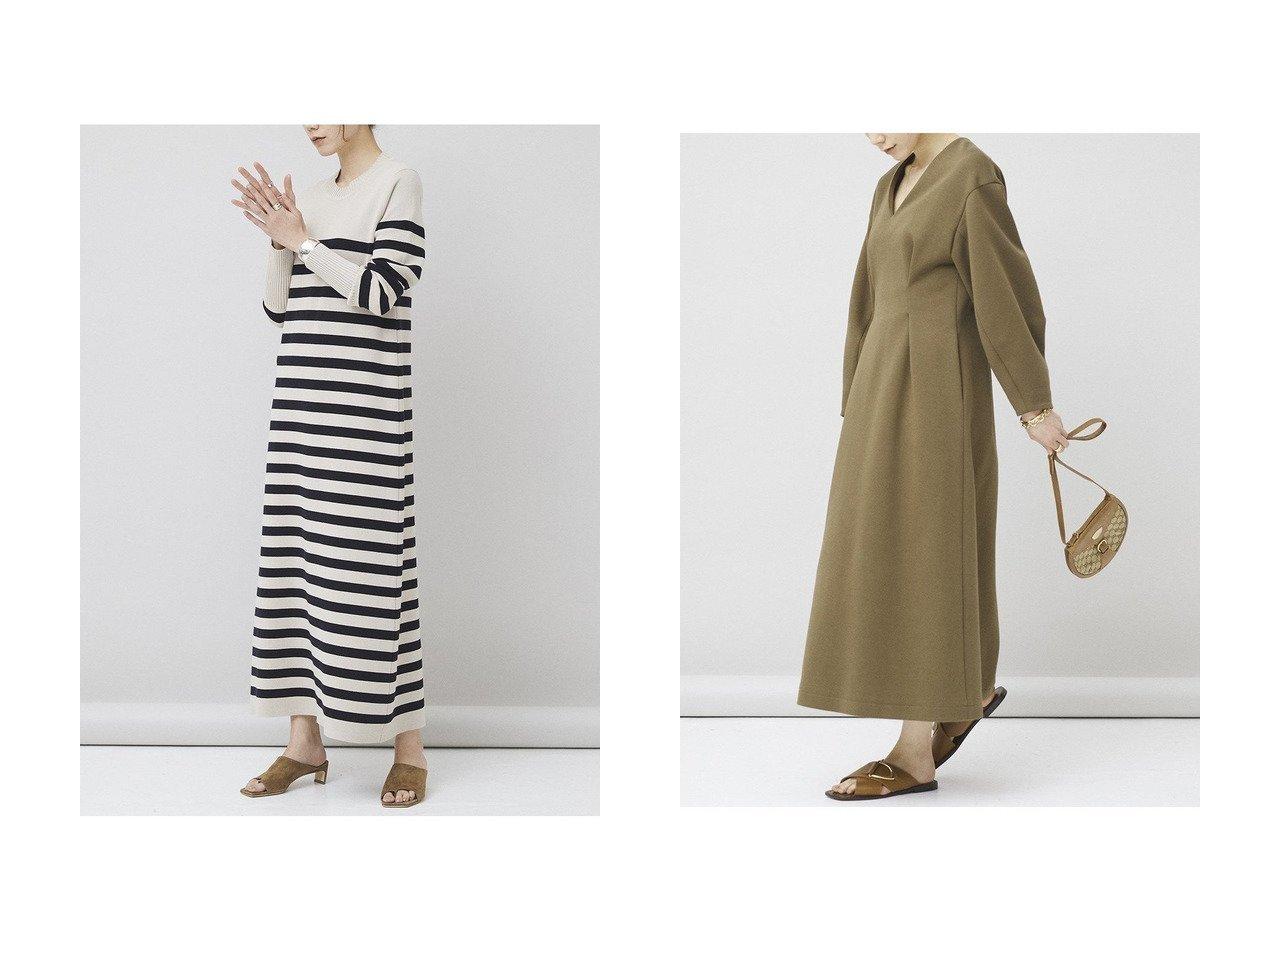 【Curensology/カレンソロジー】のダンボールニットワンピース&パネルボーダーワンピース ワンピース・ドレスのおすすめ!人気、トレンド・レディースファッションの通販 おすすめで人気の流行・トレンド、ファッションの通販商品 メンズファッション・キッズファッション・インテリア・家具・レディースファッション・服の通販 founy(ファニー) https://founy.com/ ファッション Fashion レディースファッション WOMEN ワンピース Dress ニットワンピース Knit Dresses 2021年 2021 2021 春夏 S/S SS Spring/Summer 2021 S/S 春夏 SS Spring/Summer なめらか ロング 春 Spring |ID:crp329100000015419